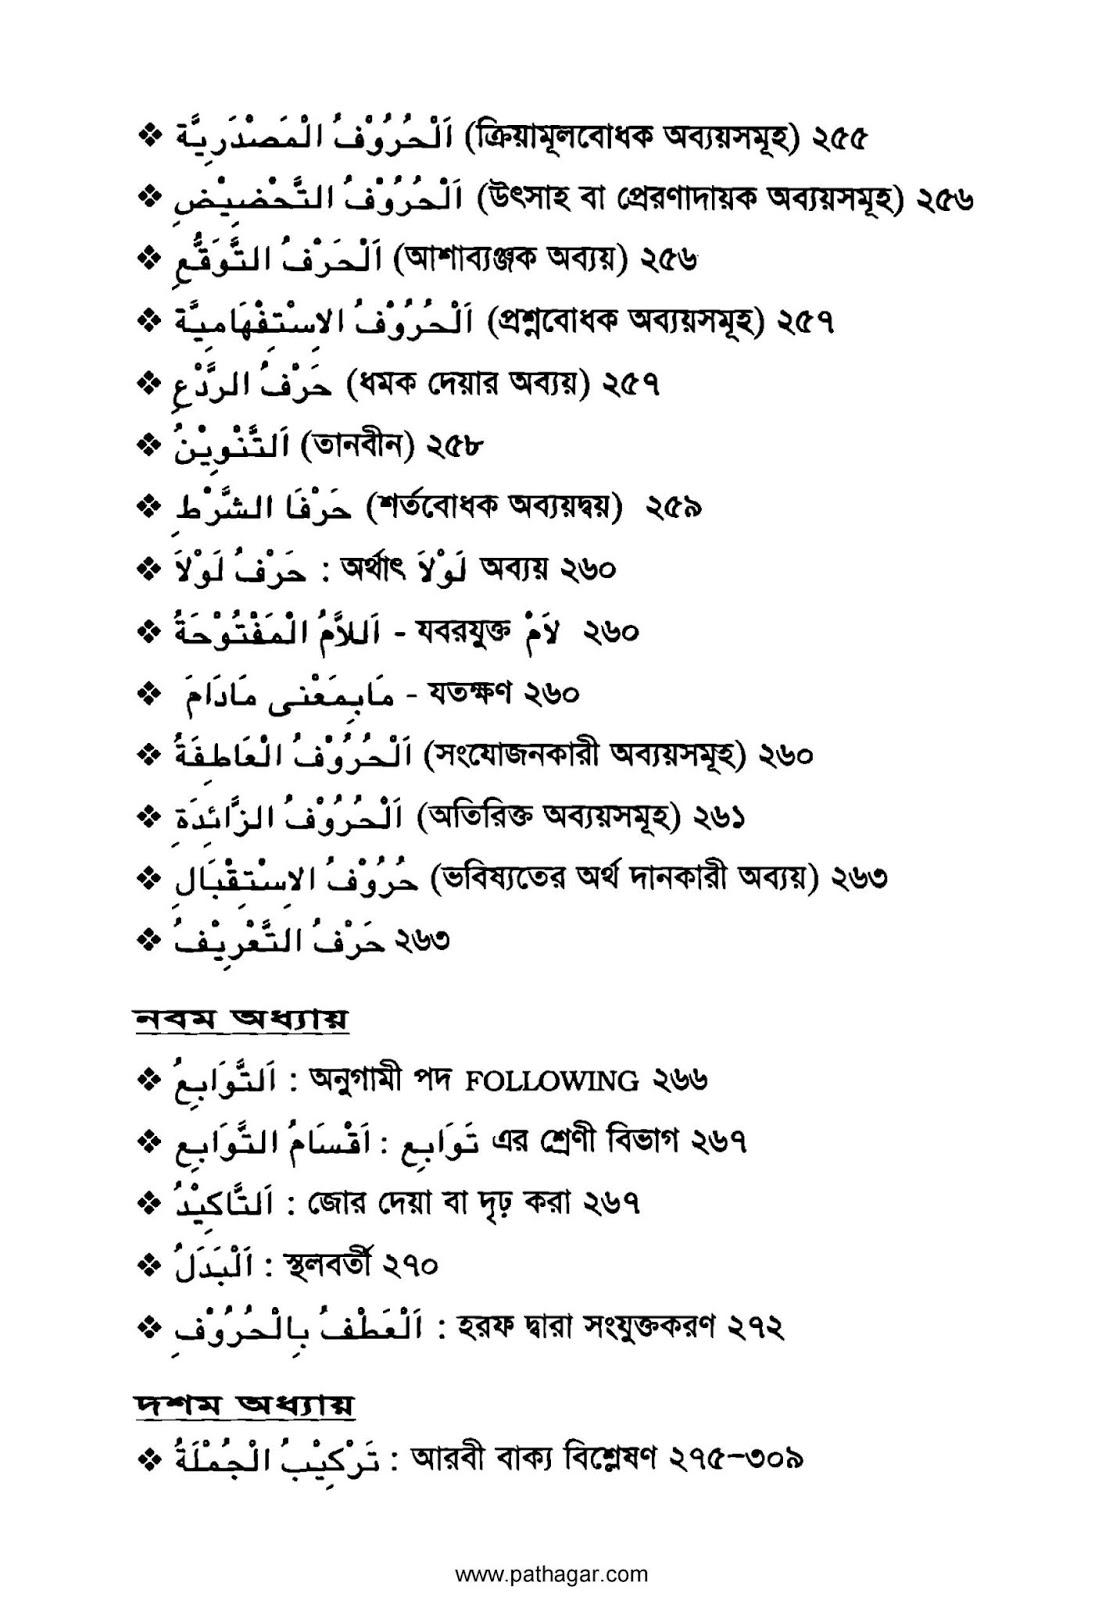 আরবি ব্যাকরণ pdf download- আরবি ব্যাকরণ বই